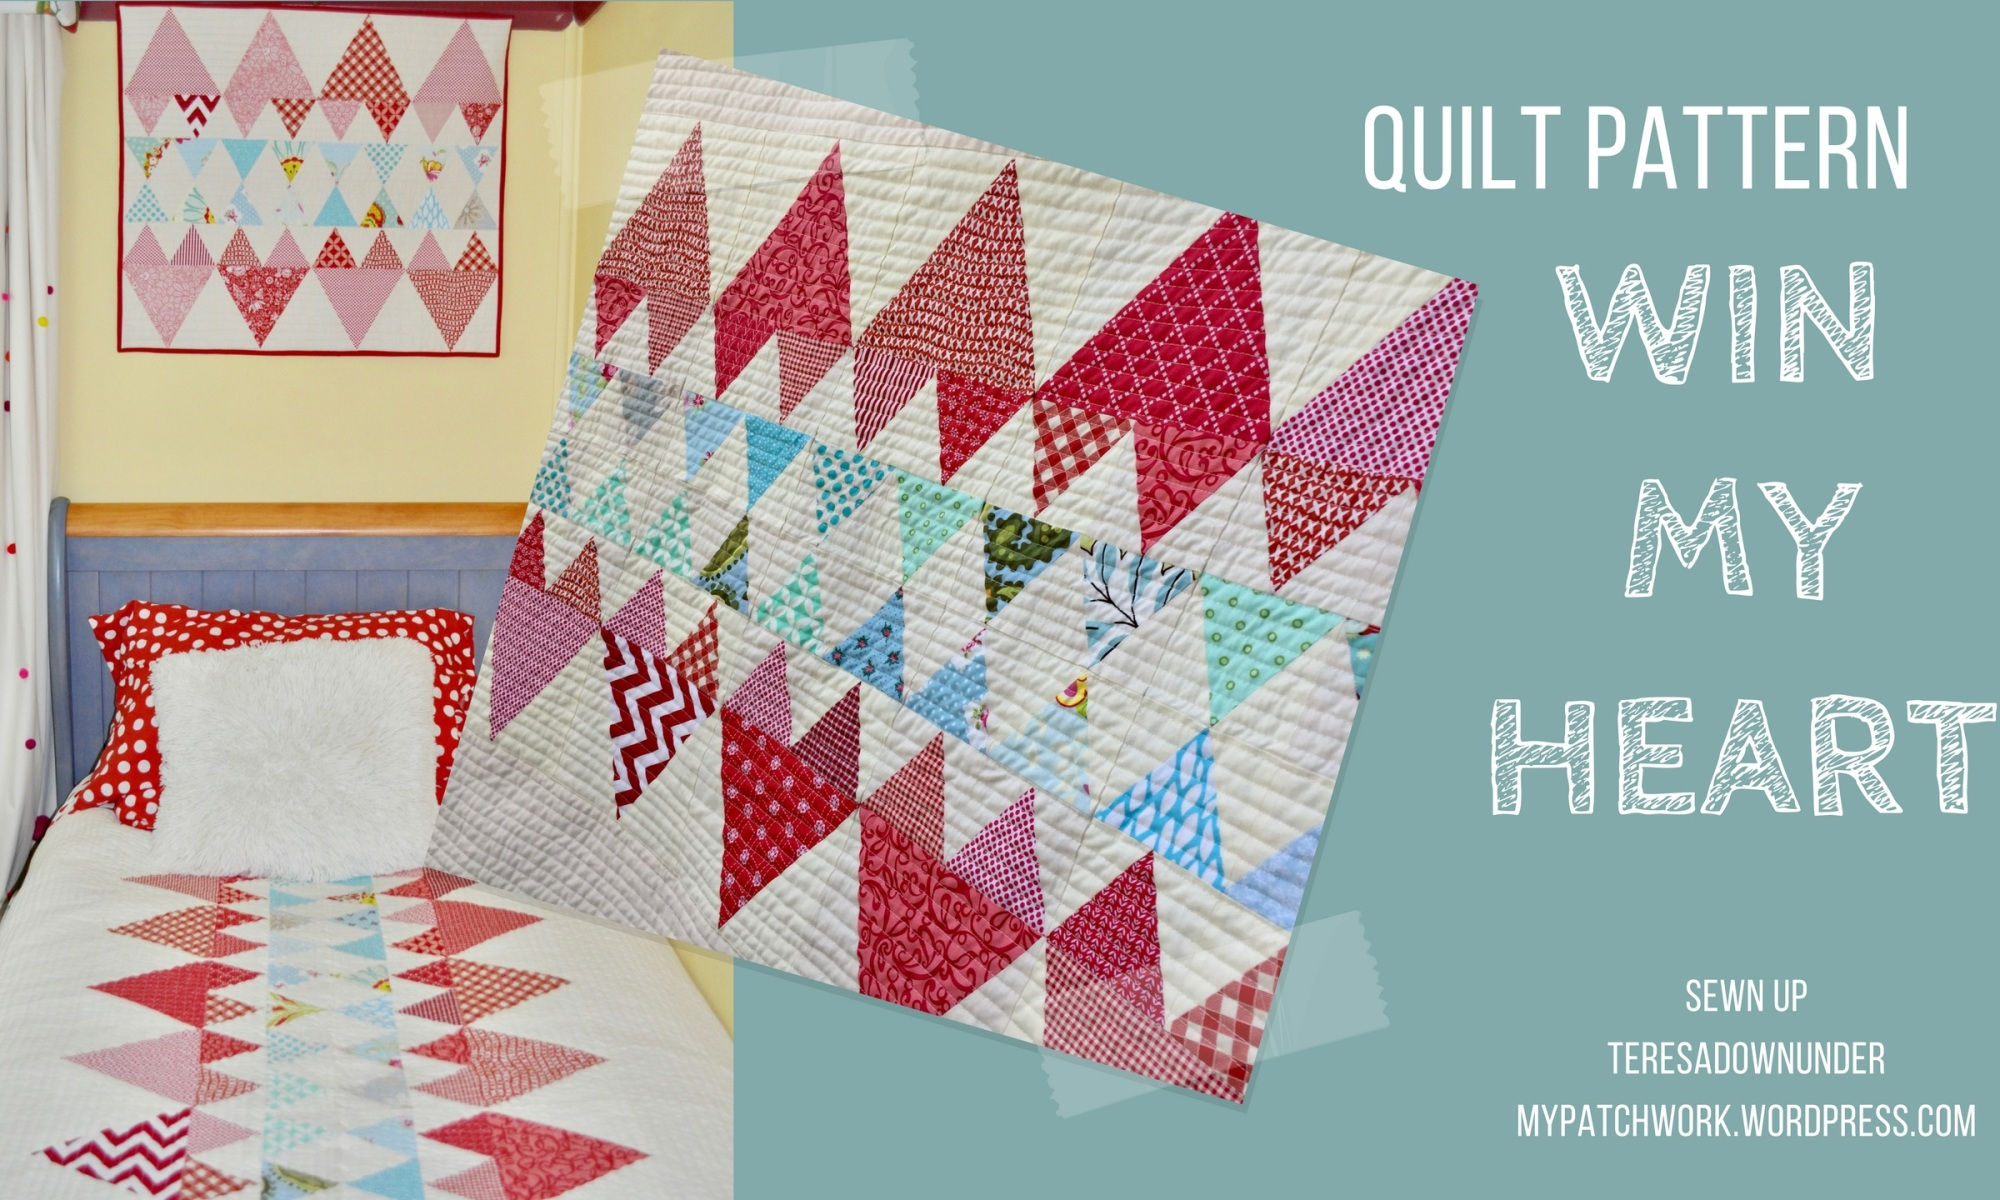 Quilt pattern: Win my heart - beginner quilt